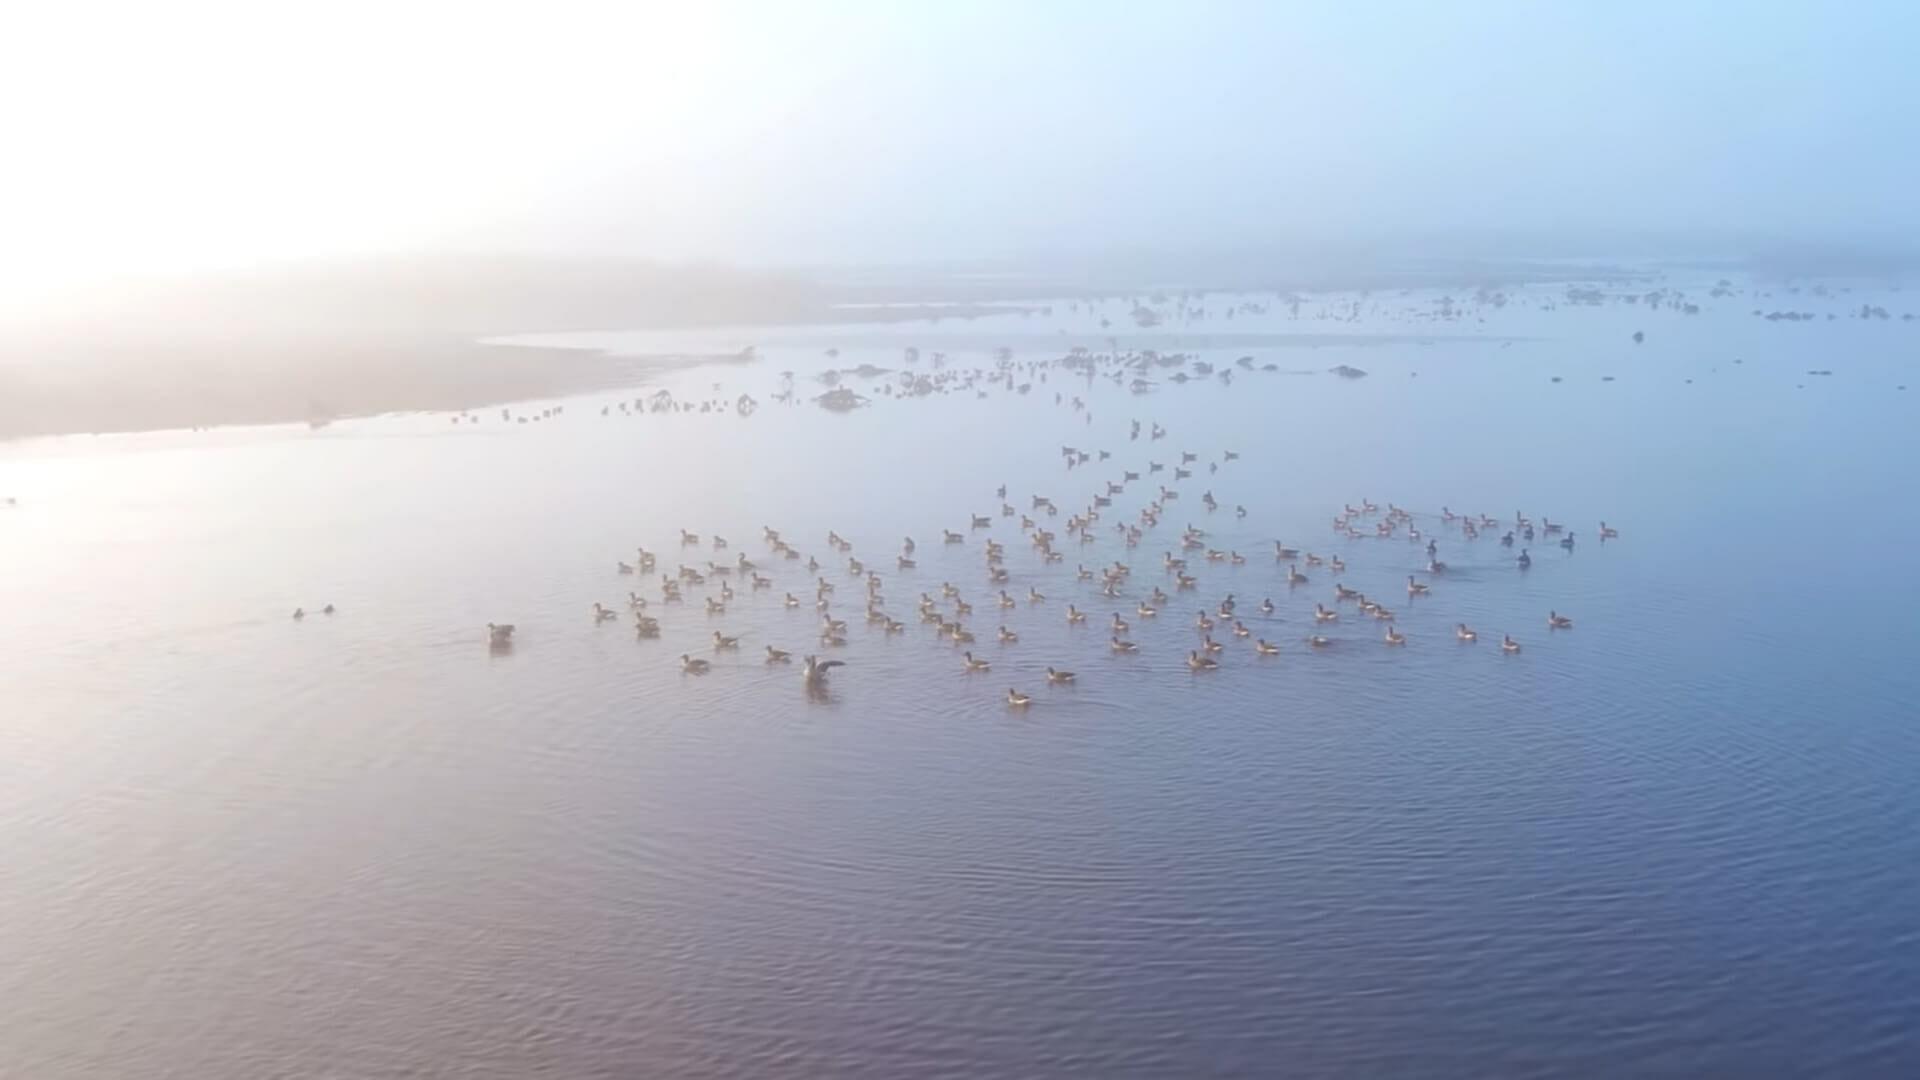 A szőke tó - A Tisza-tó hat évszaka - negyedik rész [video]